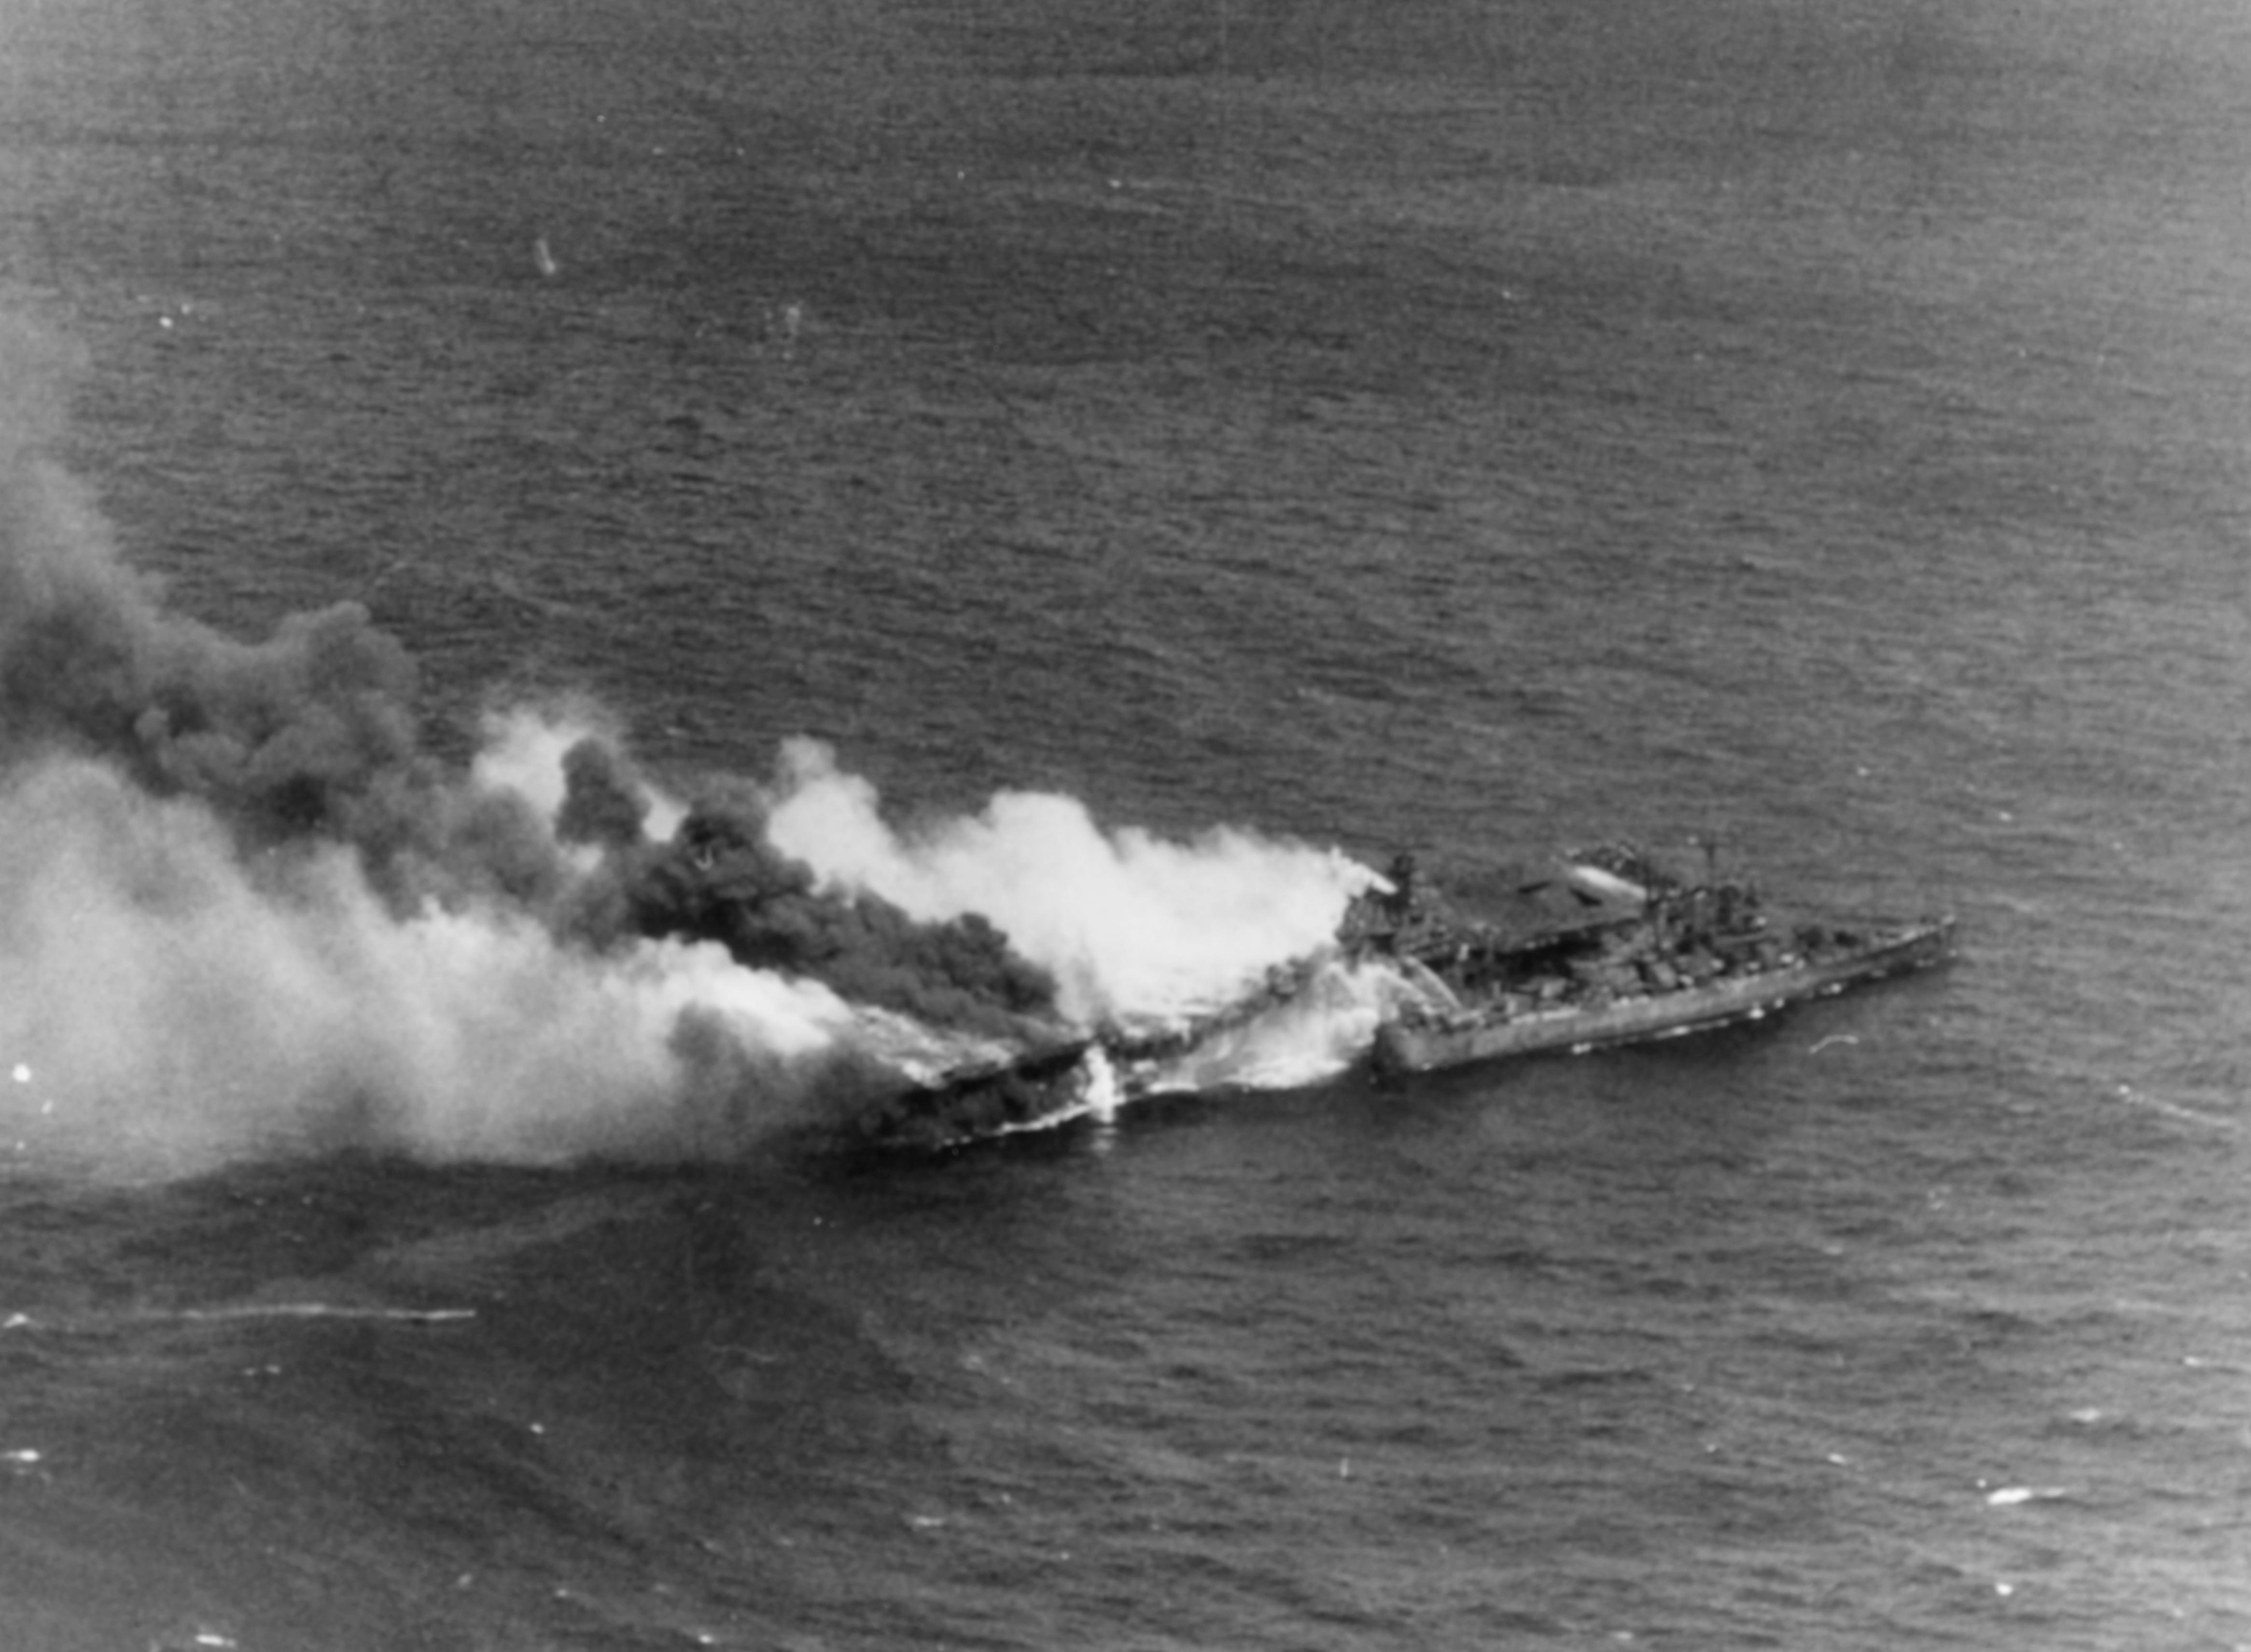 USS_Santa_Fe_(CL-60)_fighting_fires_aboa